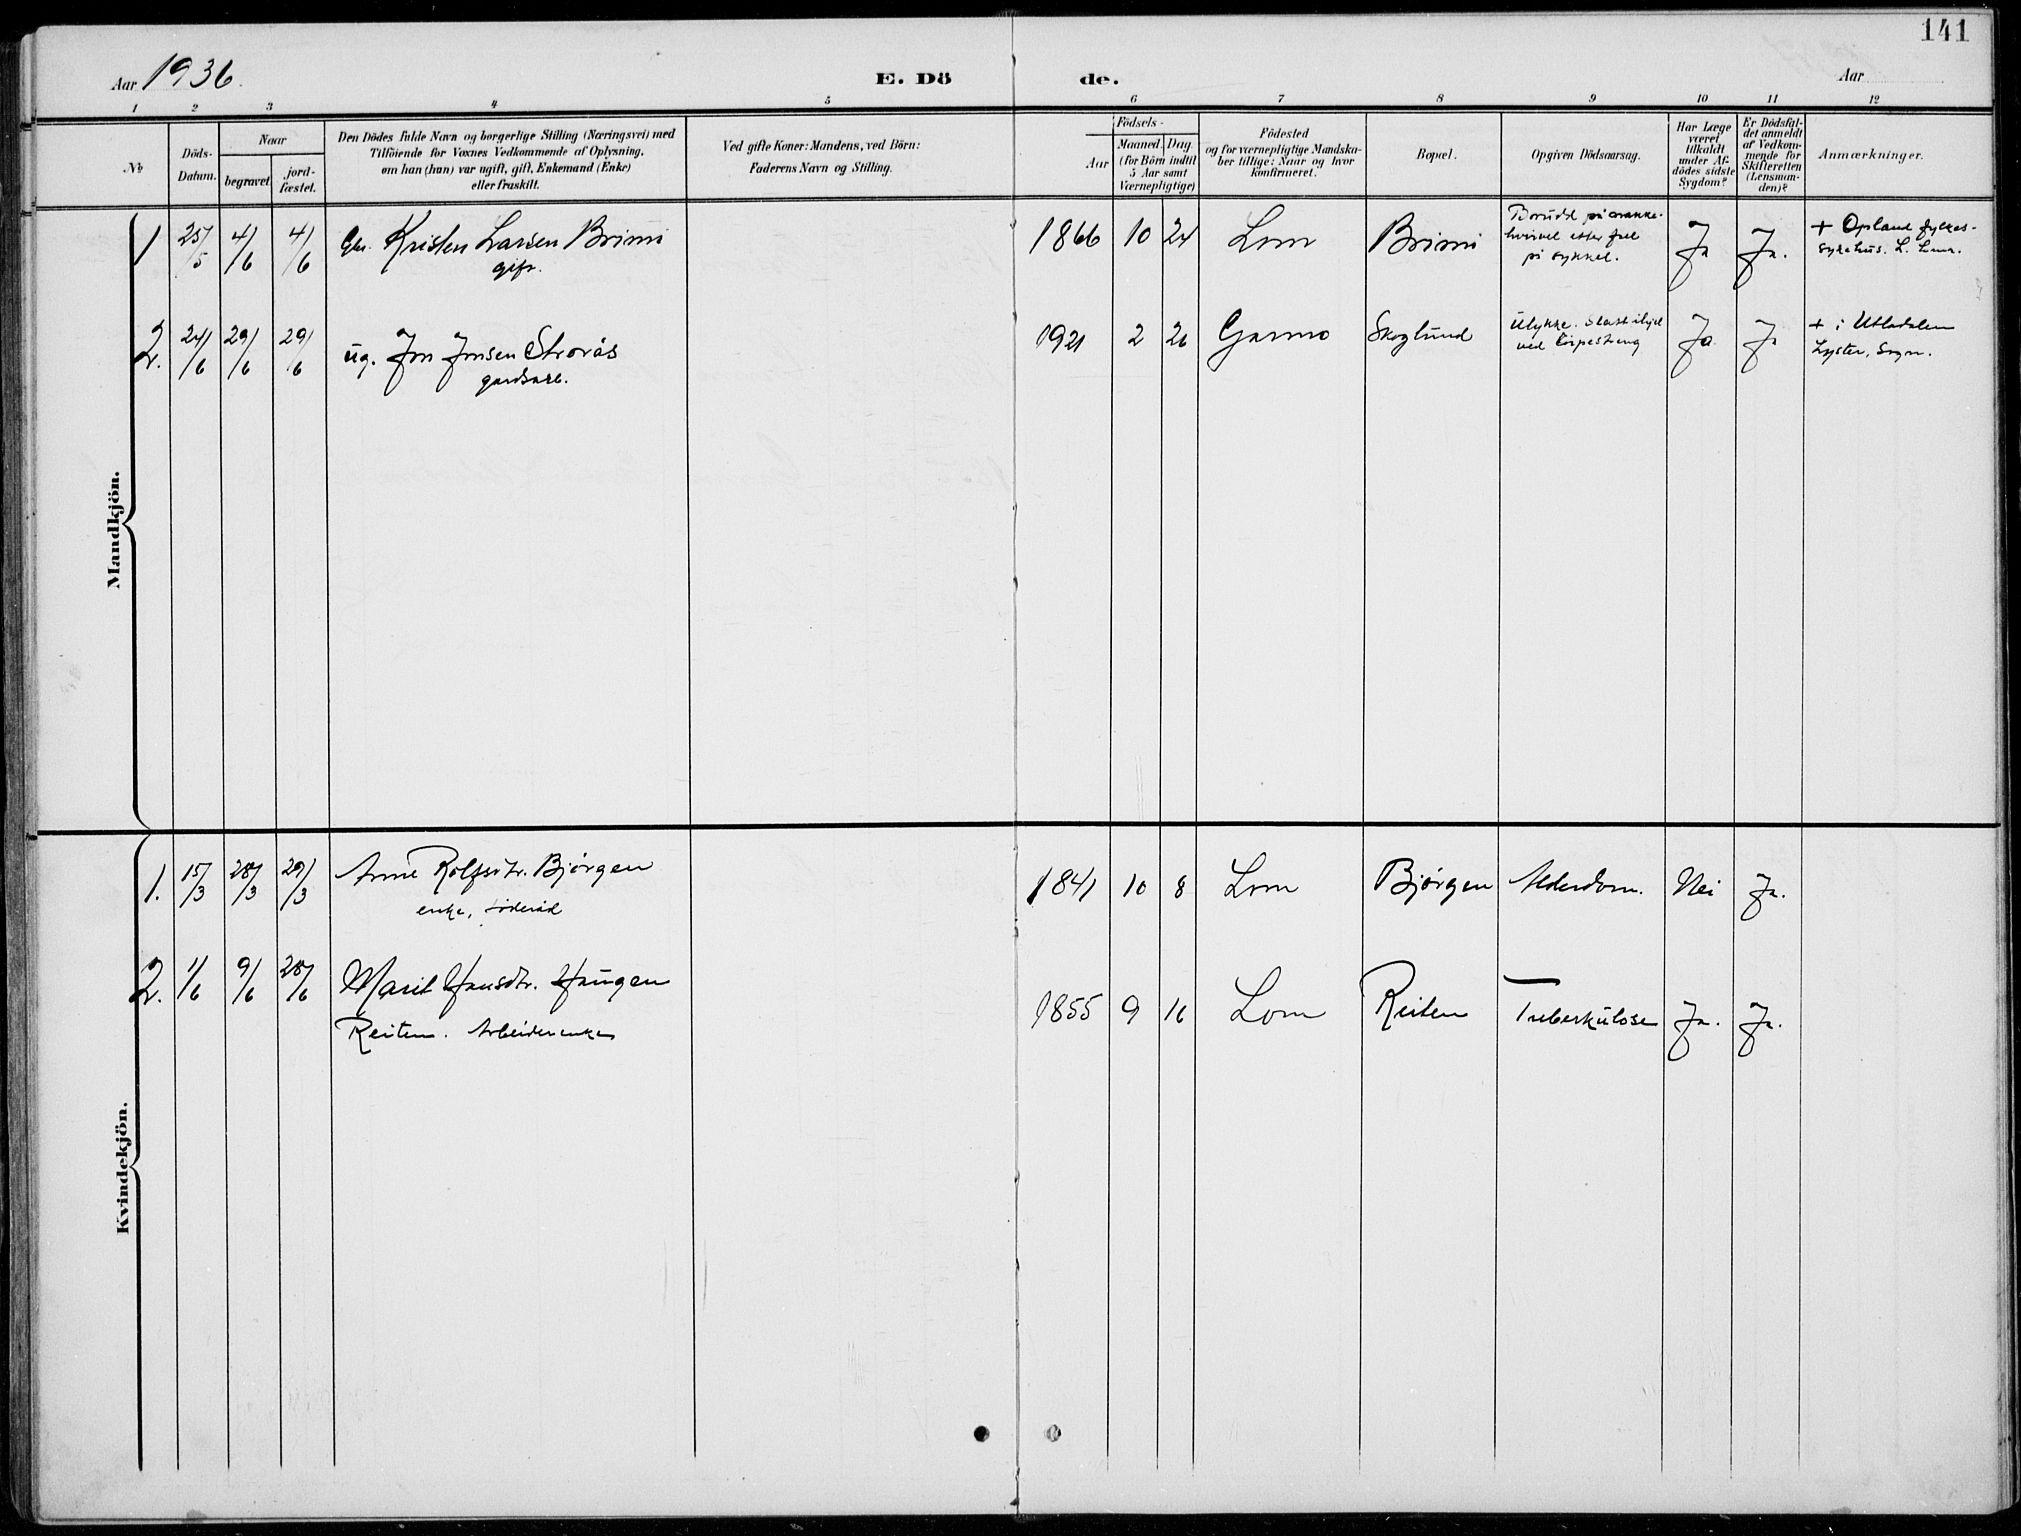 SAH, Lom prestekontor, L/L0006: Klokkerbok nr. 6, 1901-1939, s. 141